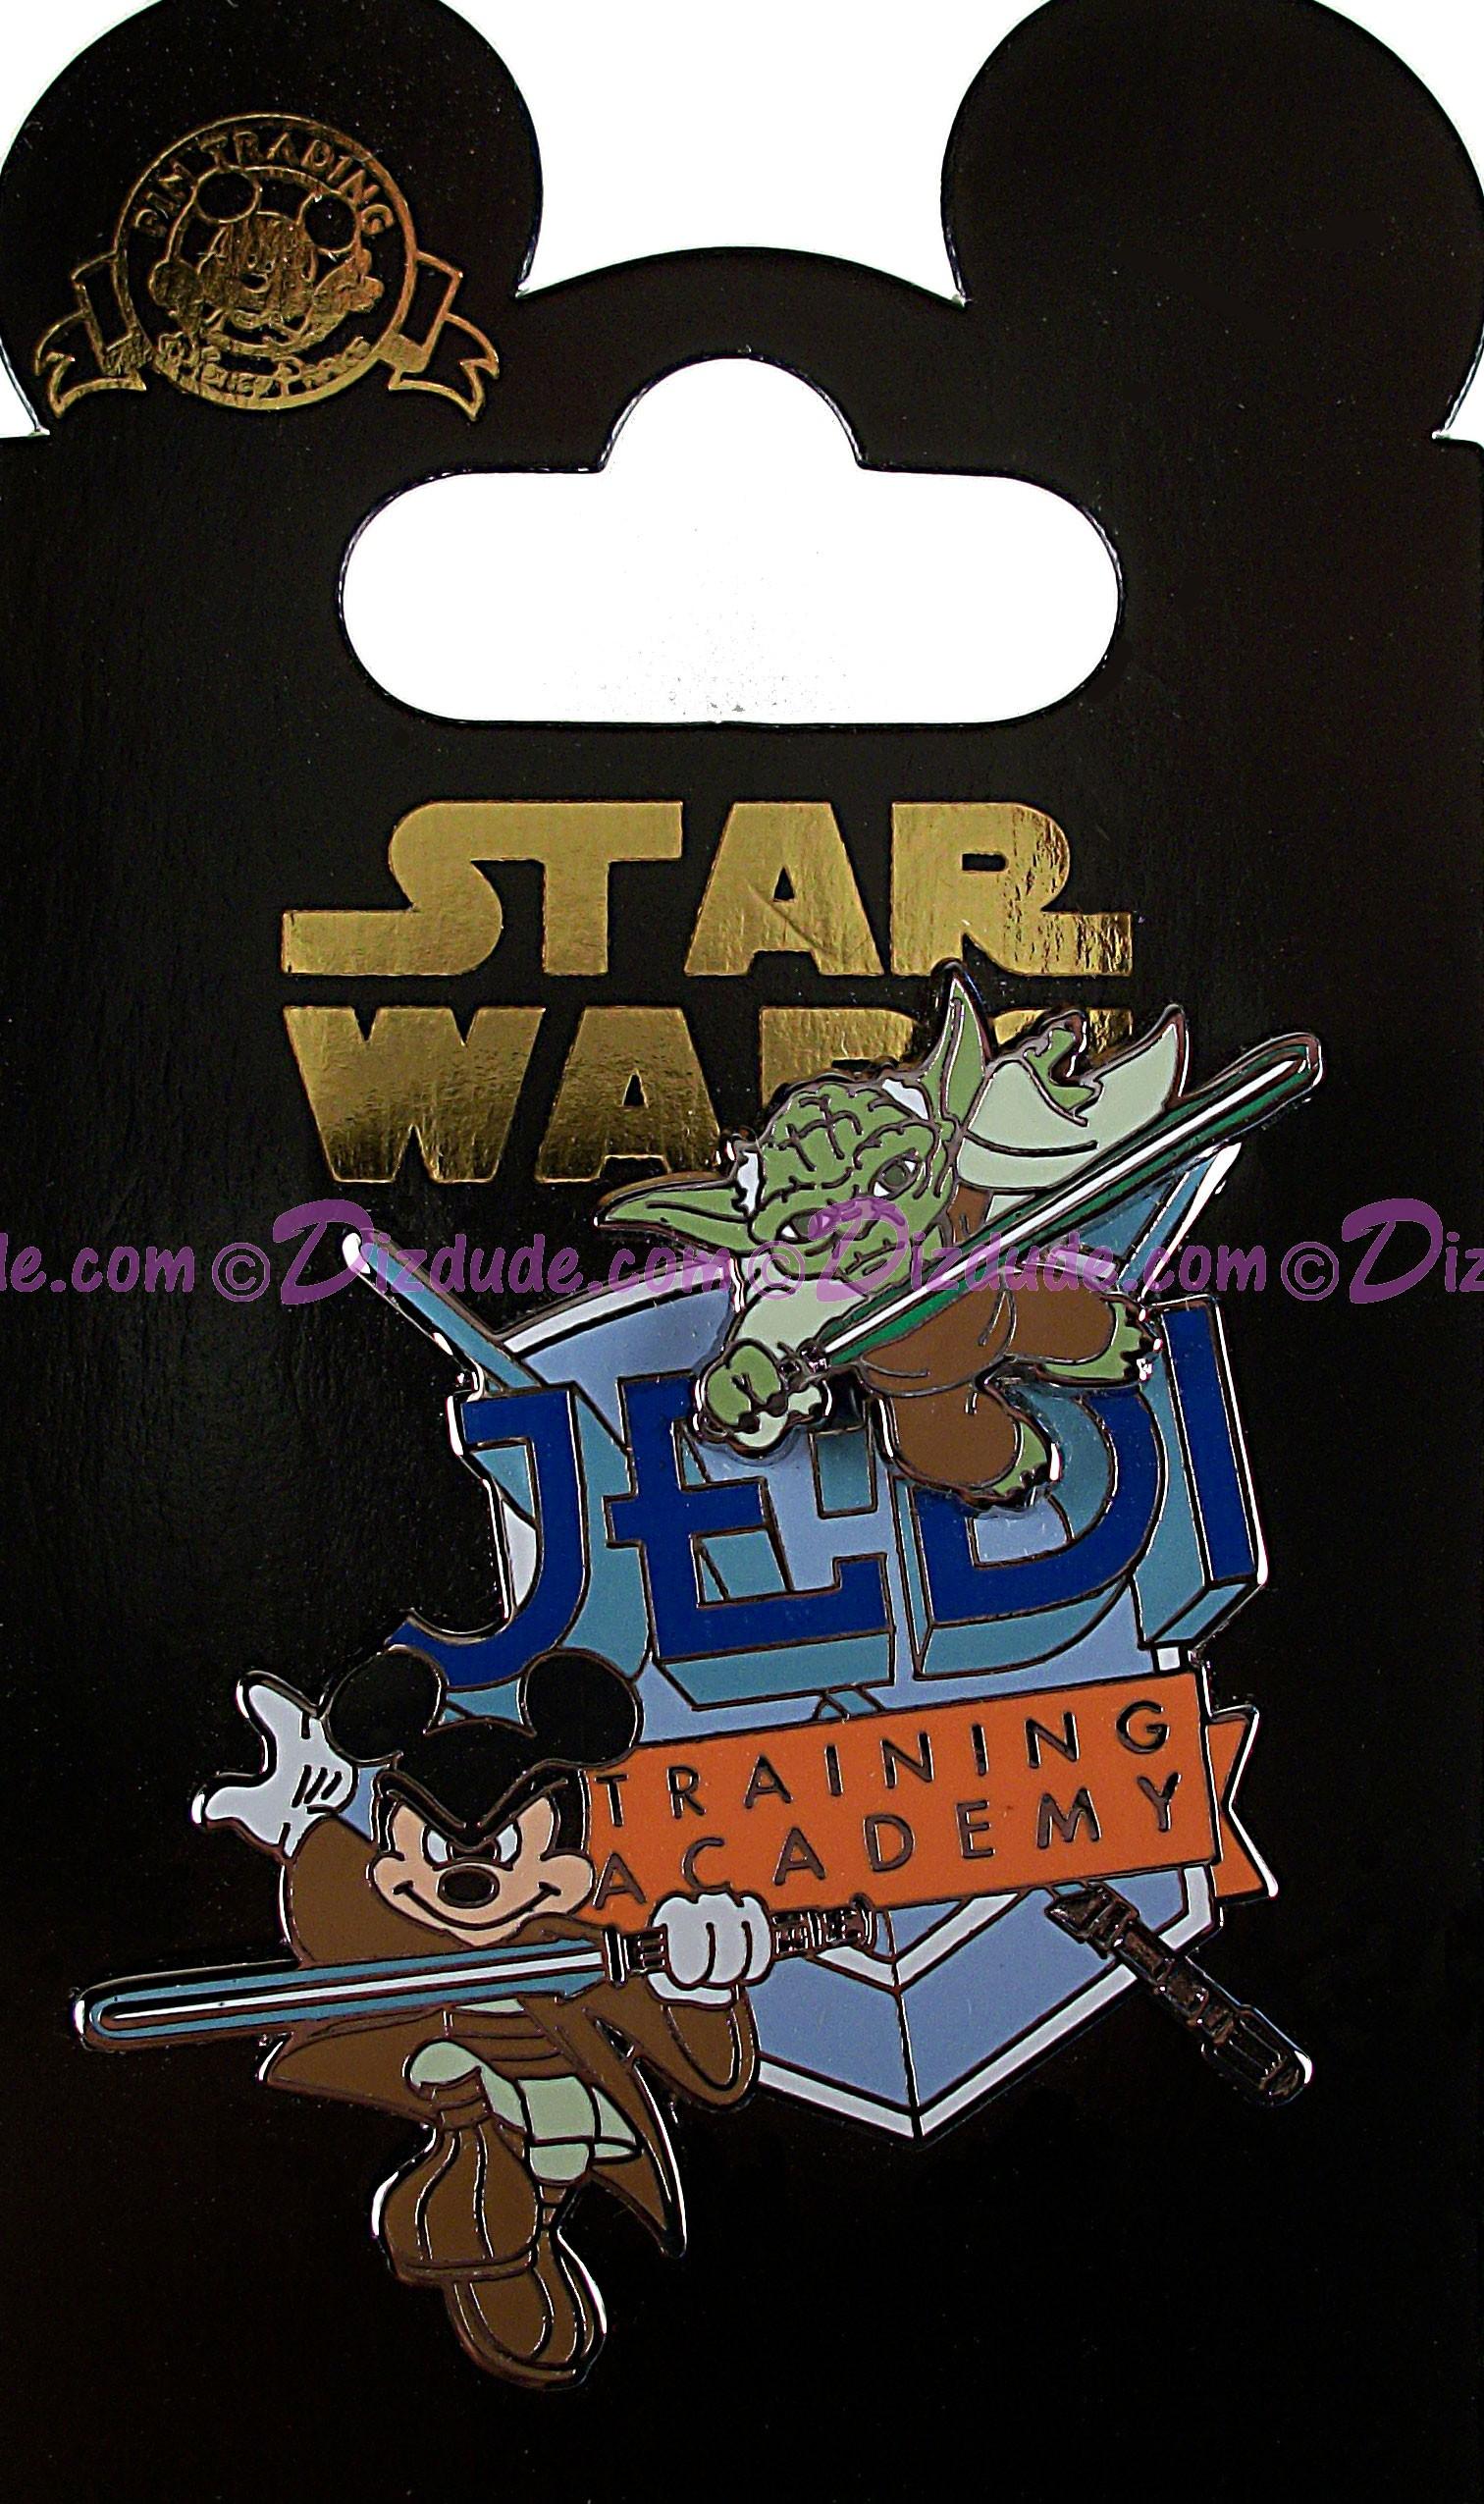 Disney Star Wars/ Star Tours Jedi Training Academy Pin Yoda And Jedi Mickey Mouse